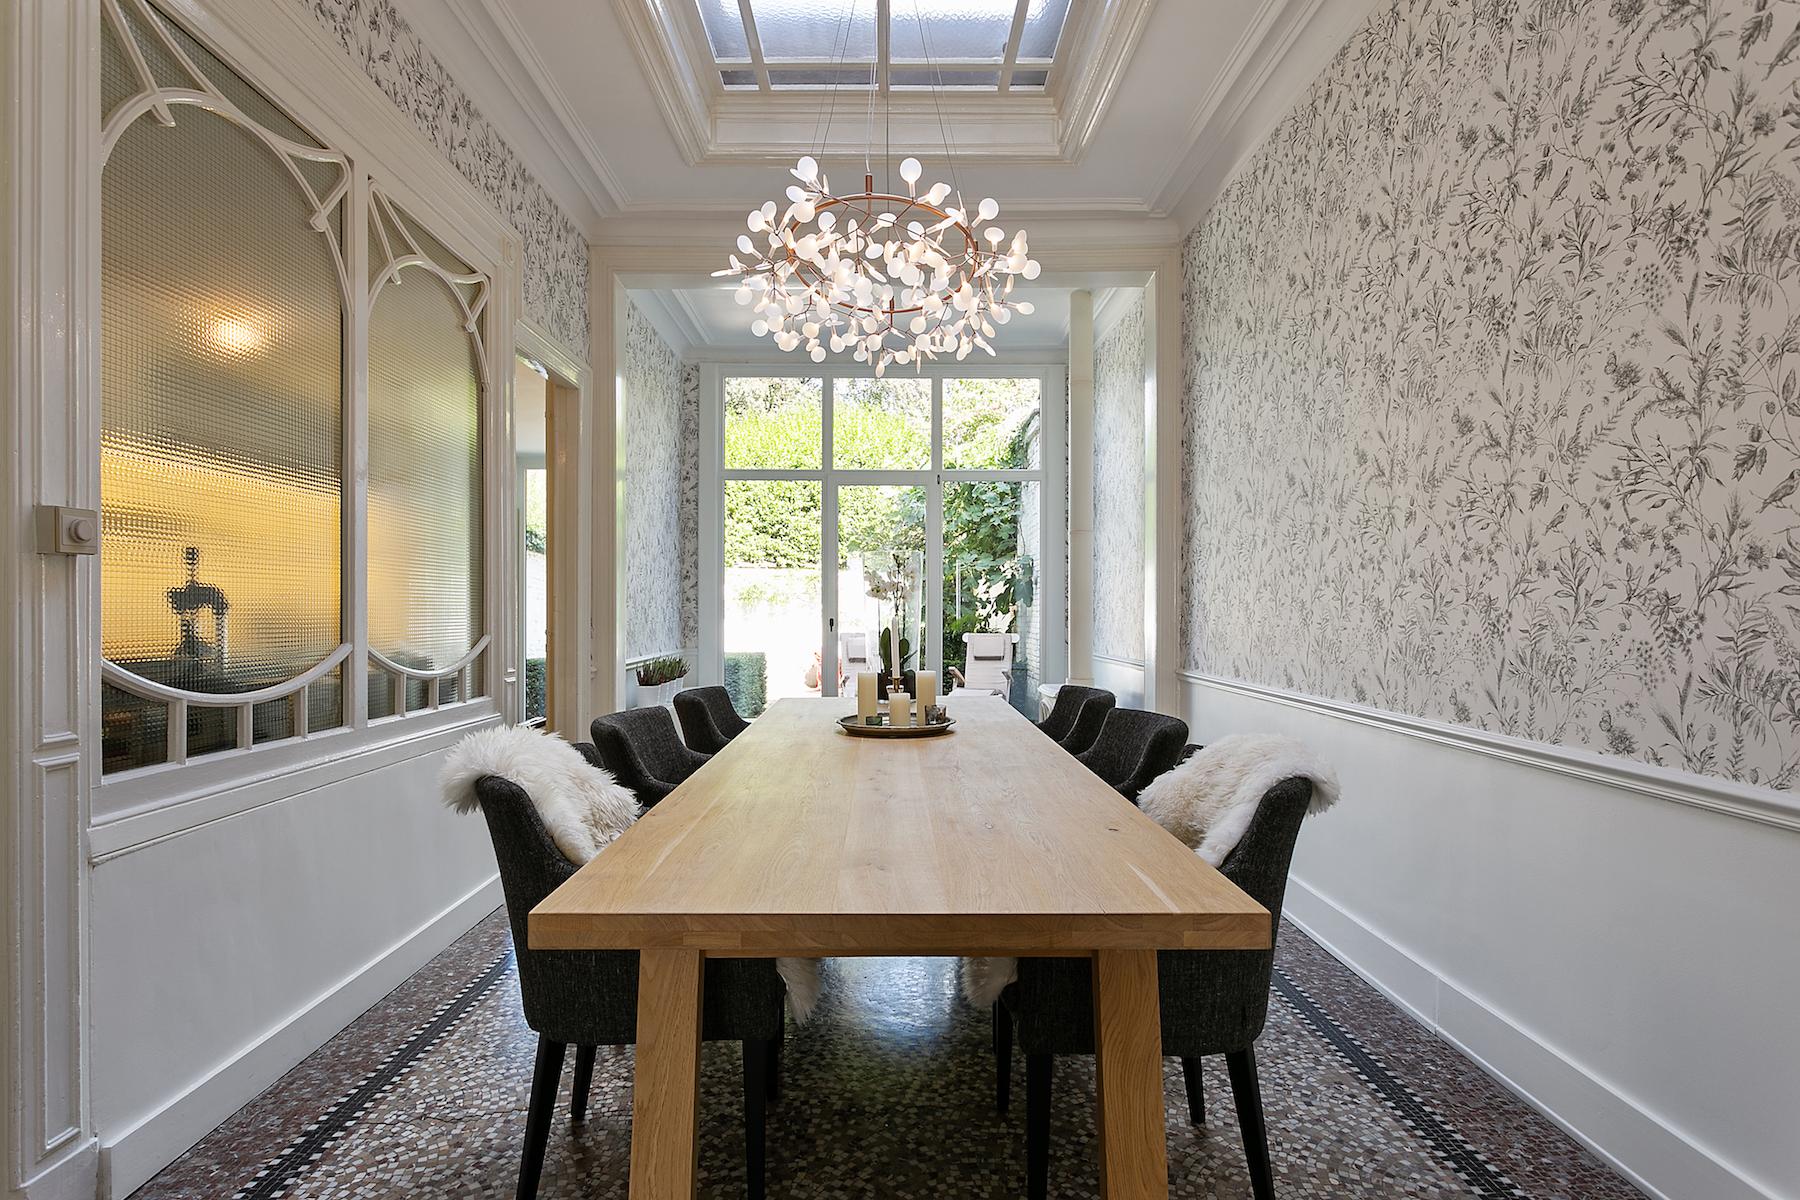 Makelaarskantoor De Meester, Huis|Huis te 2600 Antwerpen Berchem